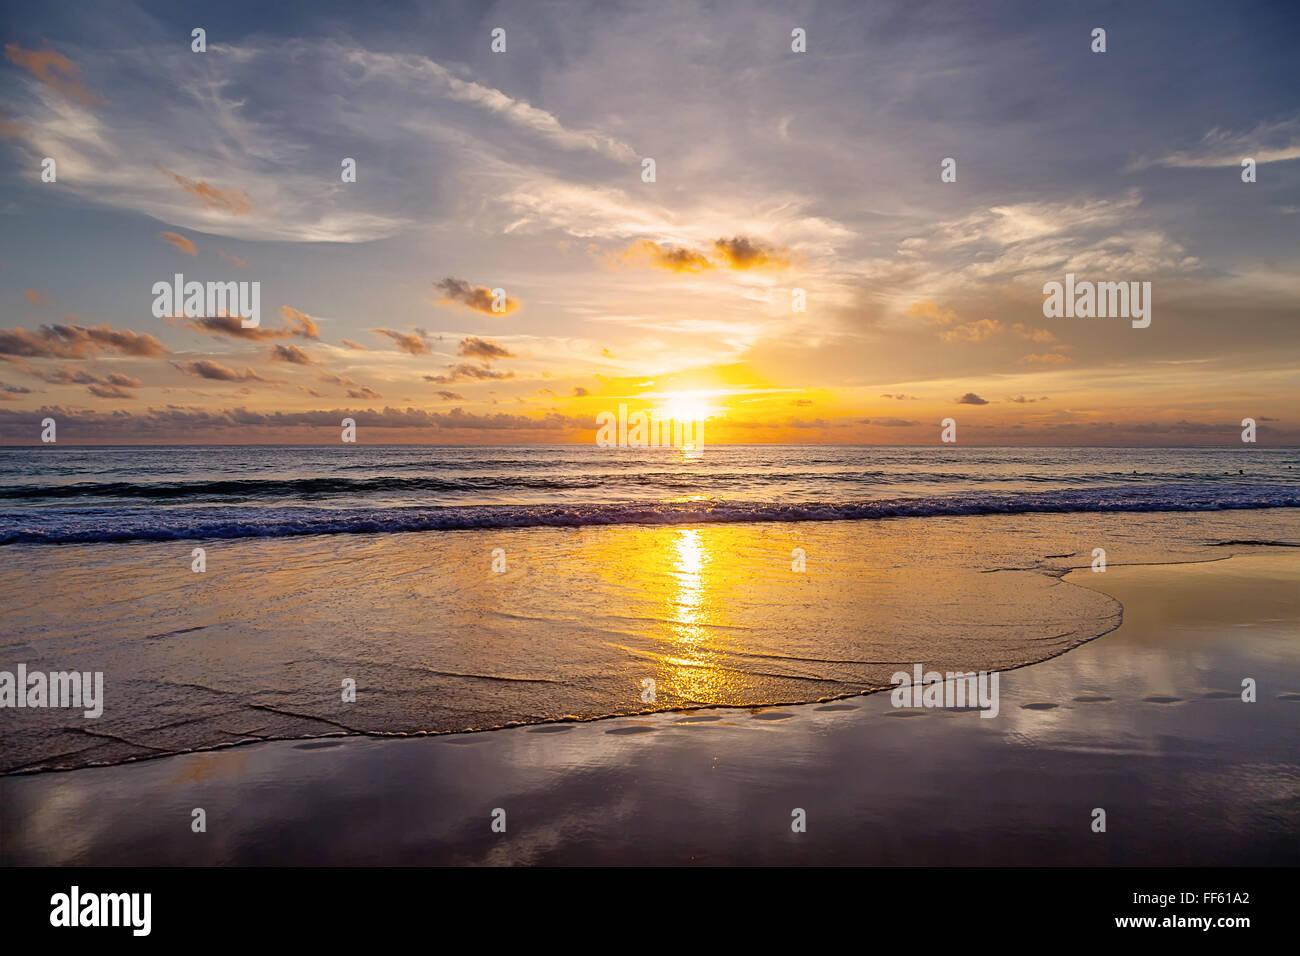 Coucher du soleil sur la plage de Patong. L'île de Phuket. La Thaïlande. Banque D'Images